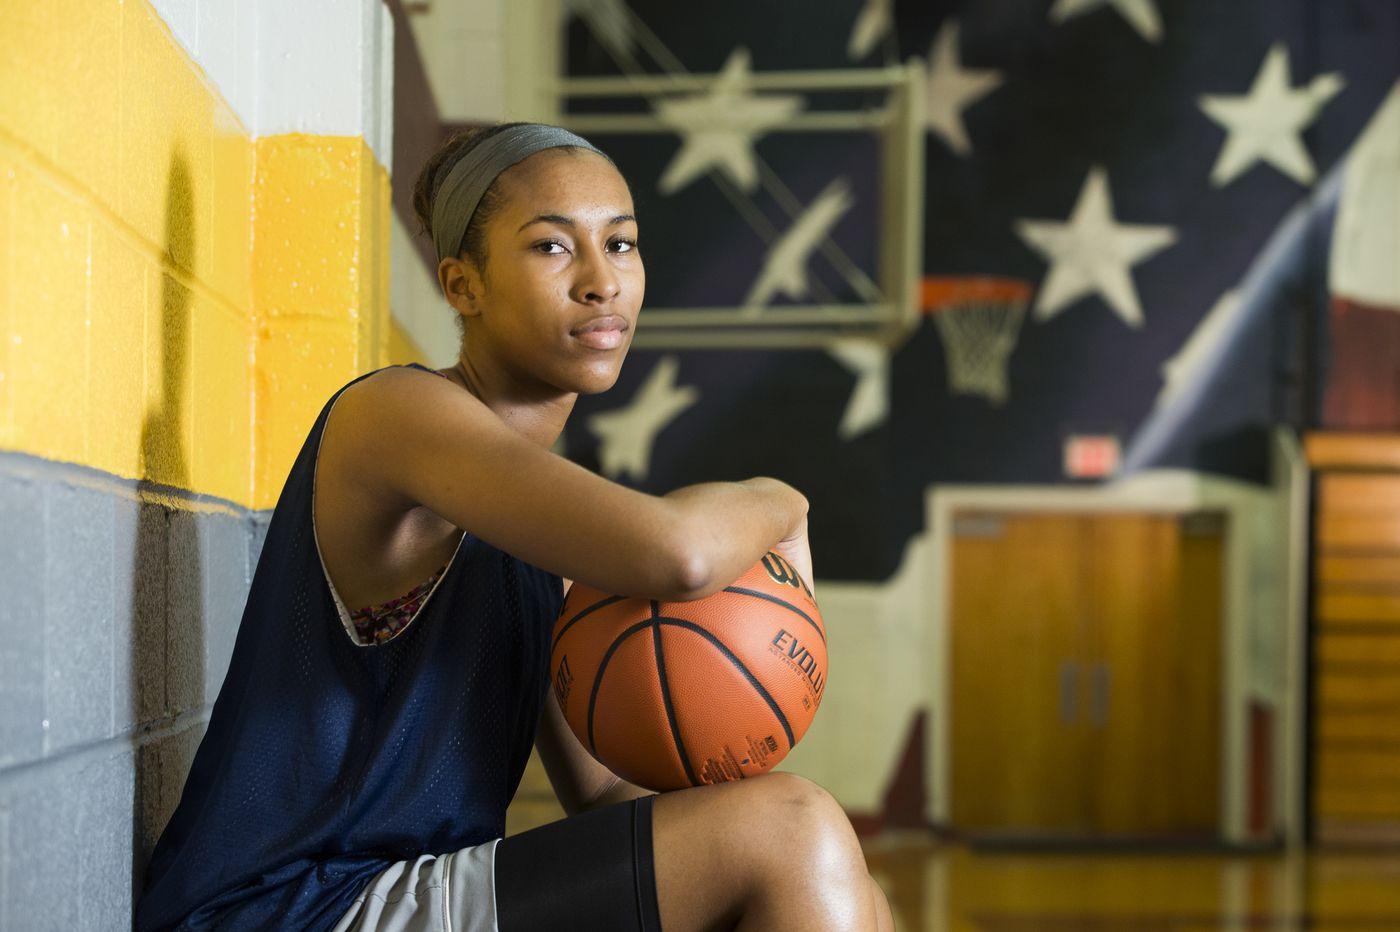 Gloucester Catholic girls' basketball star Azana Baines set to sign letter to play for Duke